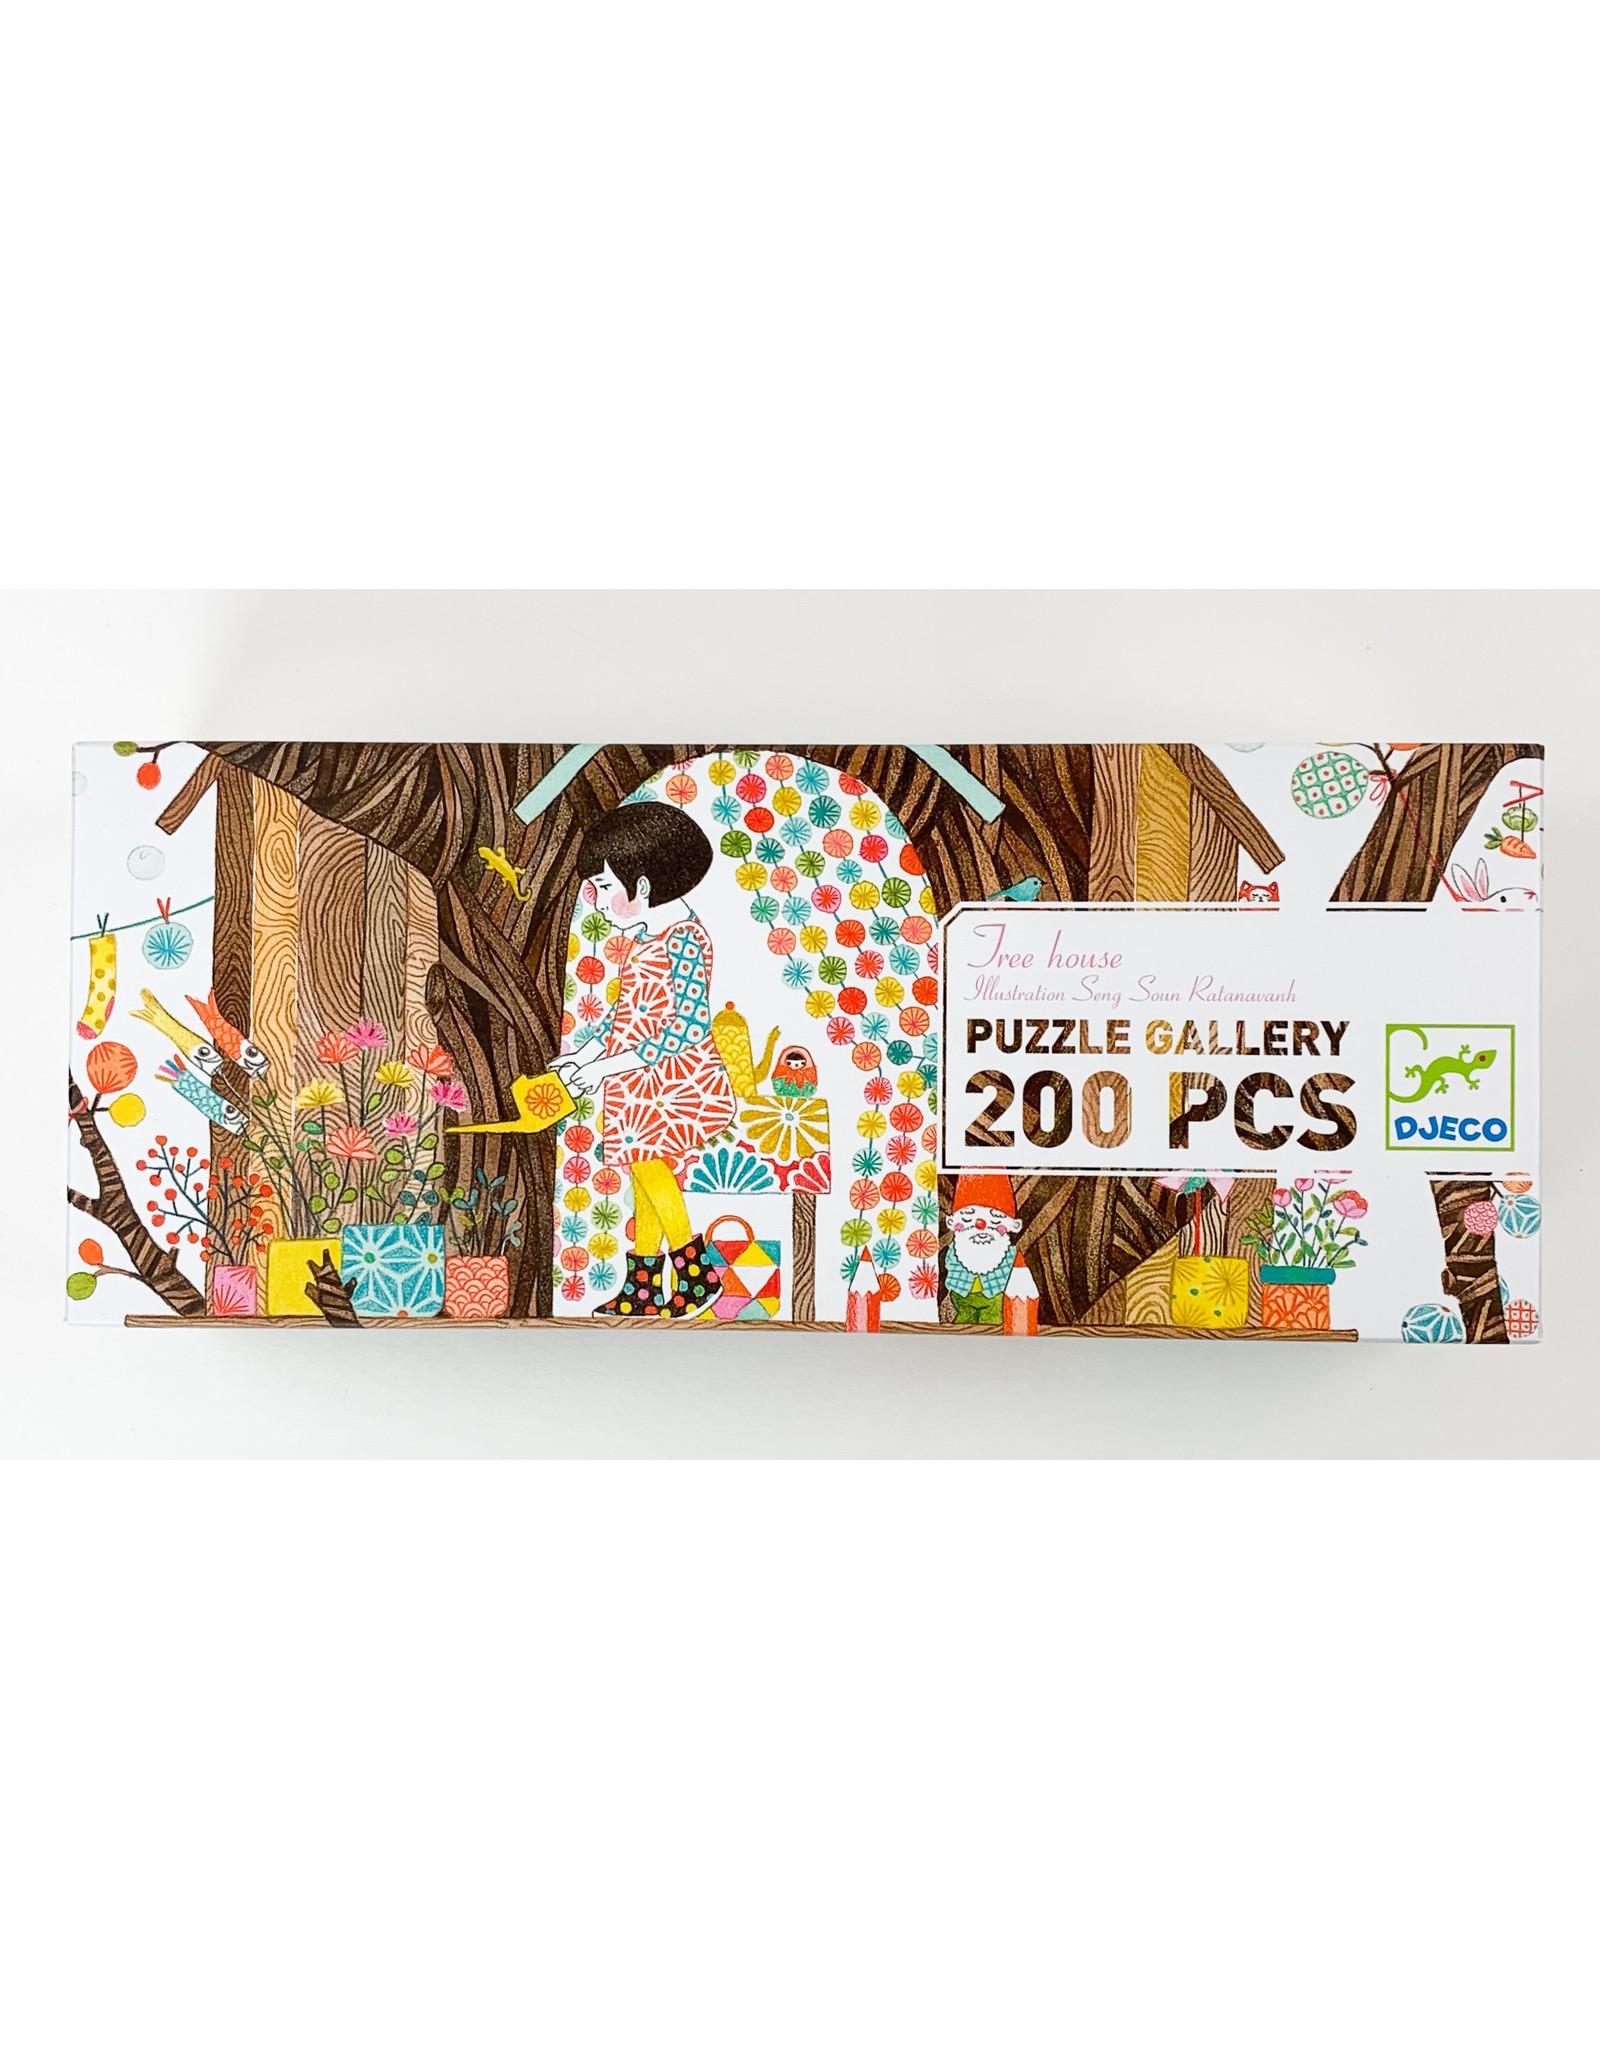 Djeco Tree House gallery